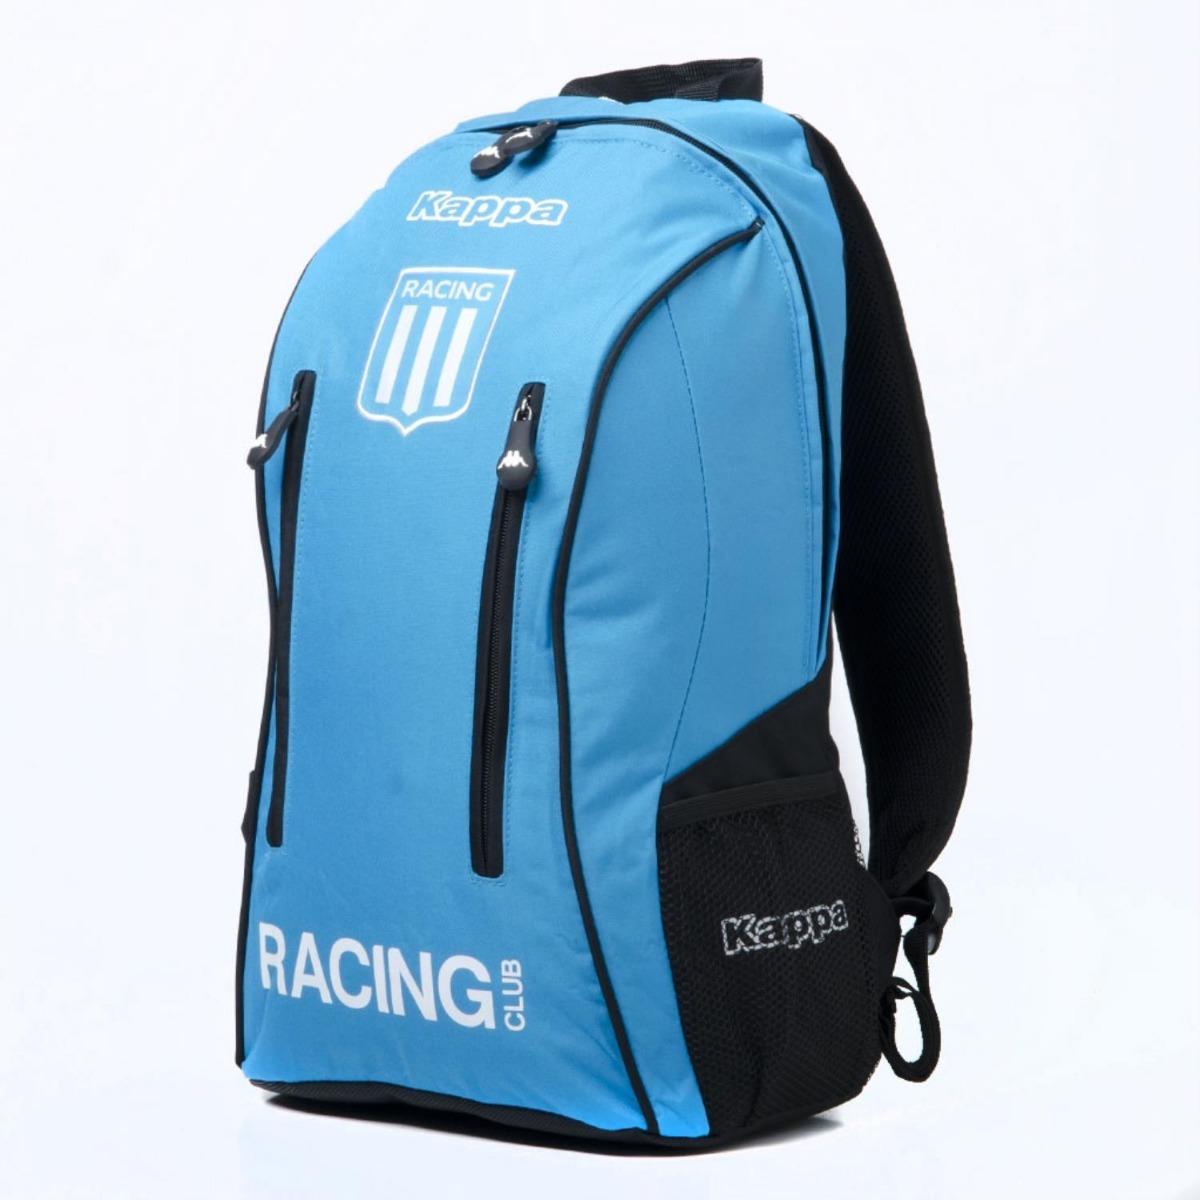 mochila kappa de racing club 2018 oficiales. Cargando zoom. 2aca452e7b38a